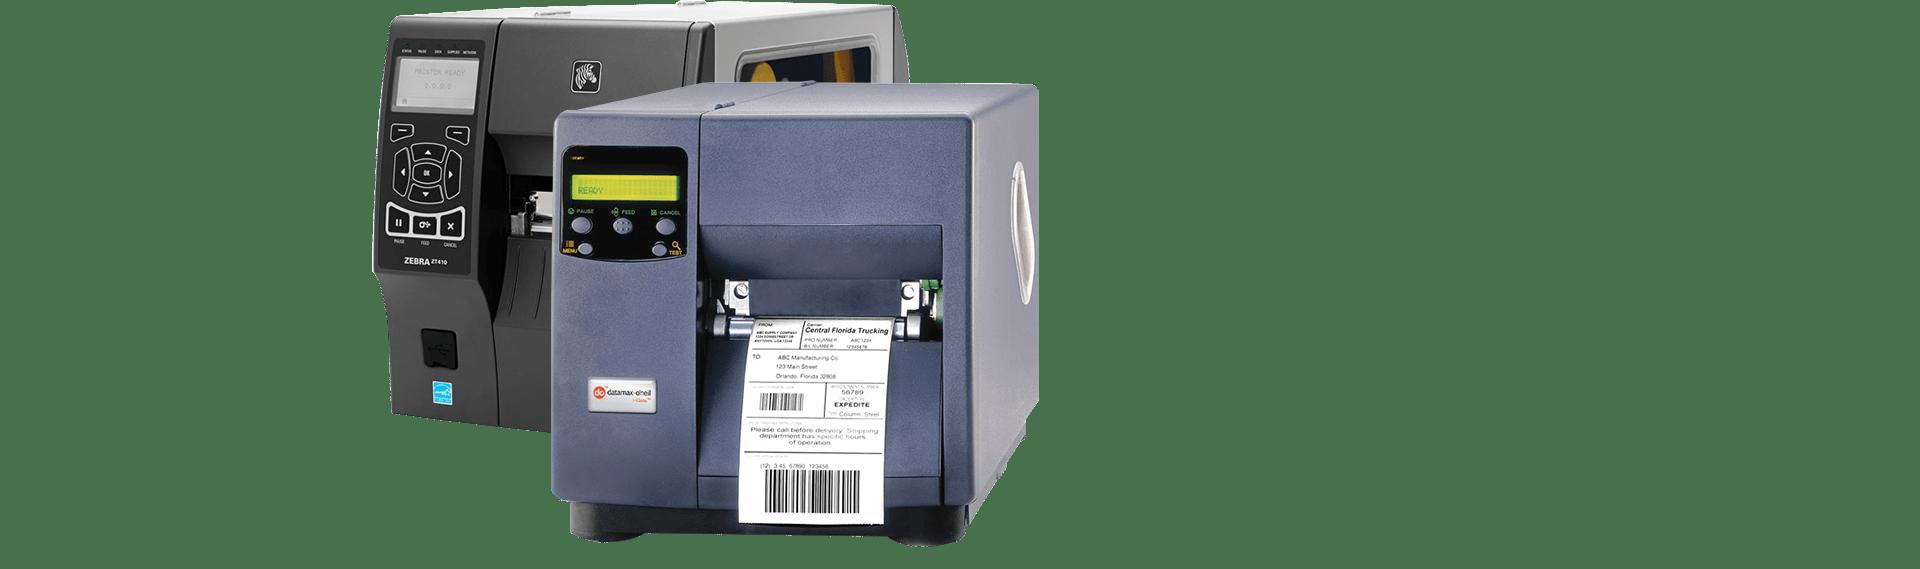 Barcode Printer_machine2